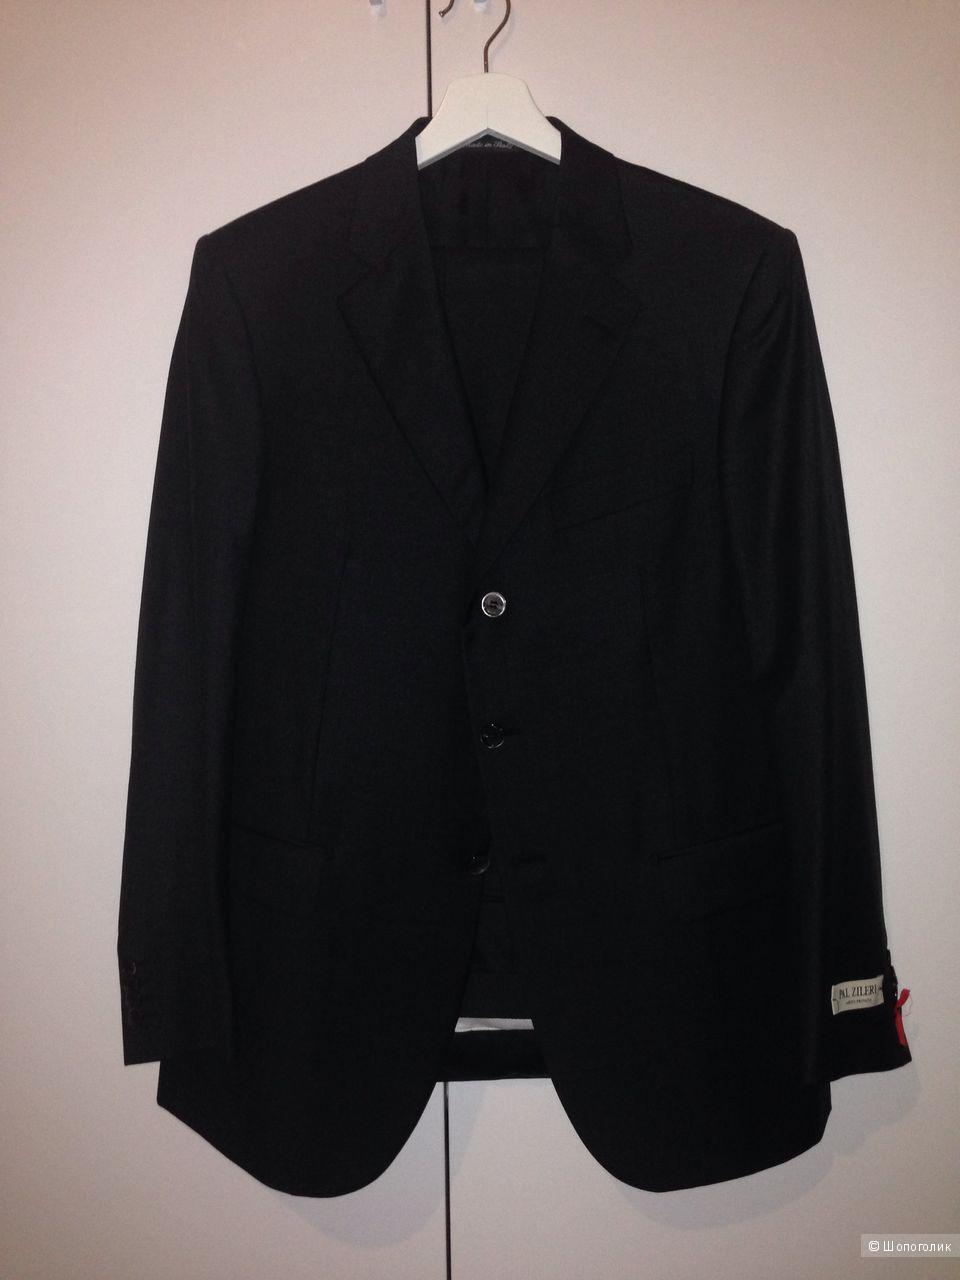 Мужской костюм Pal Zileri,50it, 52 Российский размер